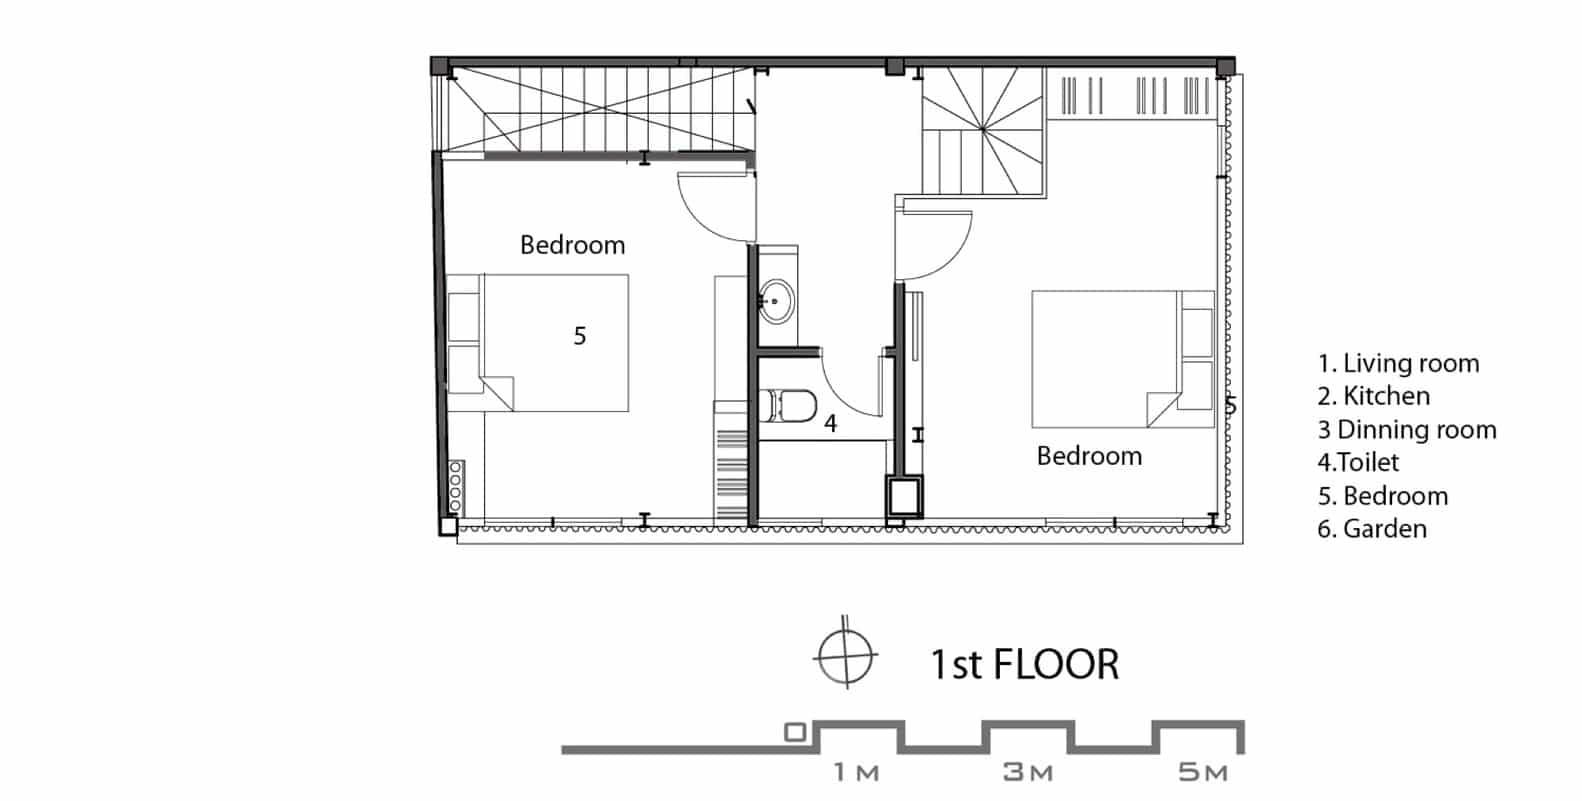 Casa econ mica moderna de 50 metros cuadrados construye for Escalera de 5 metros